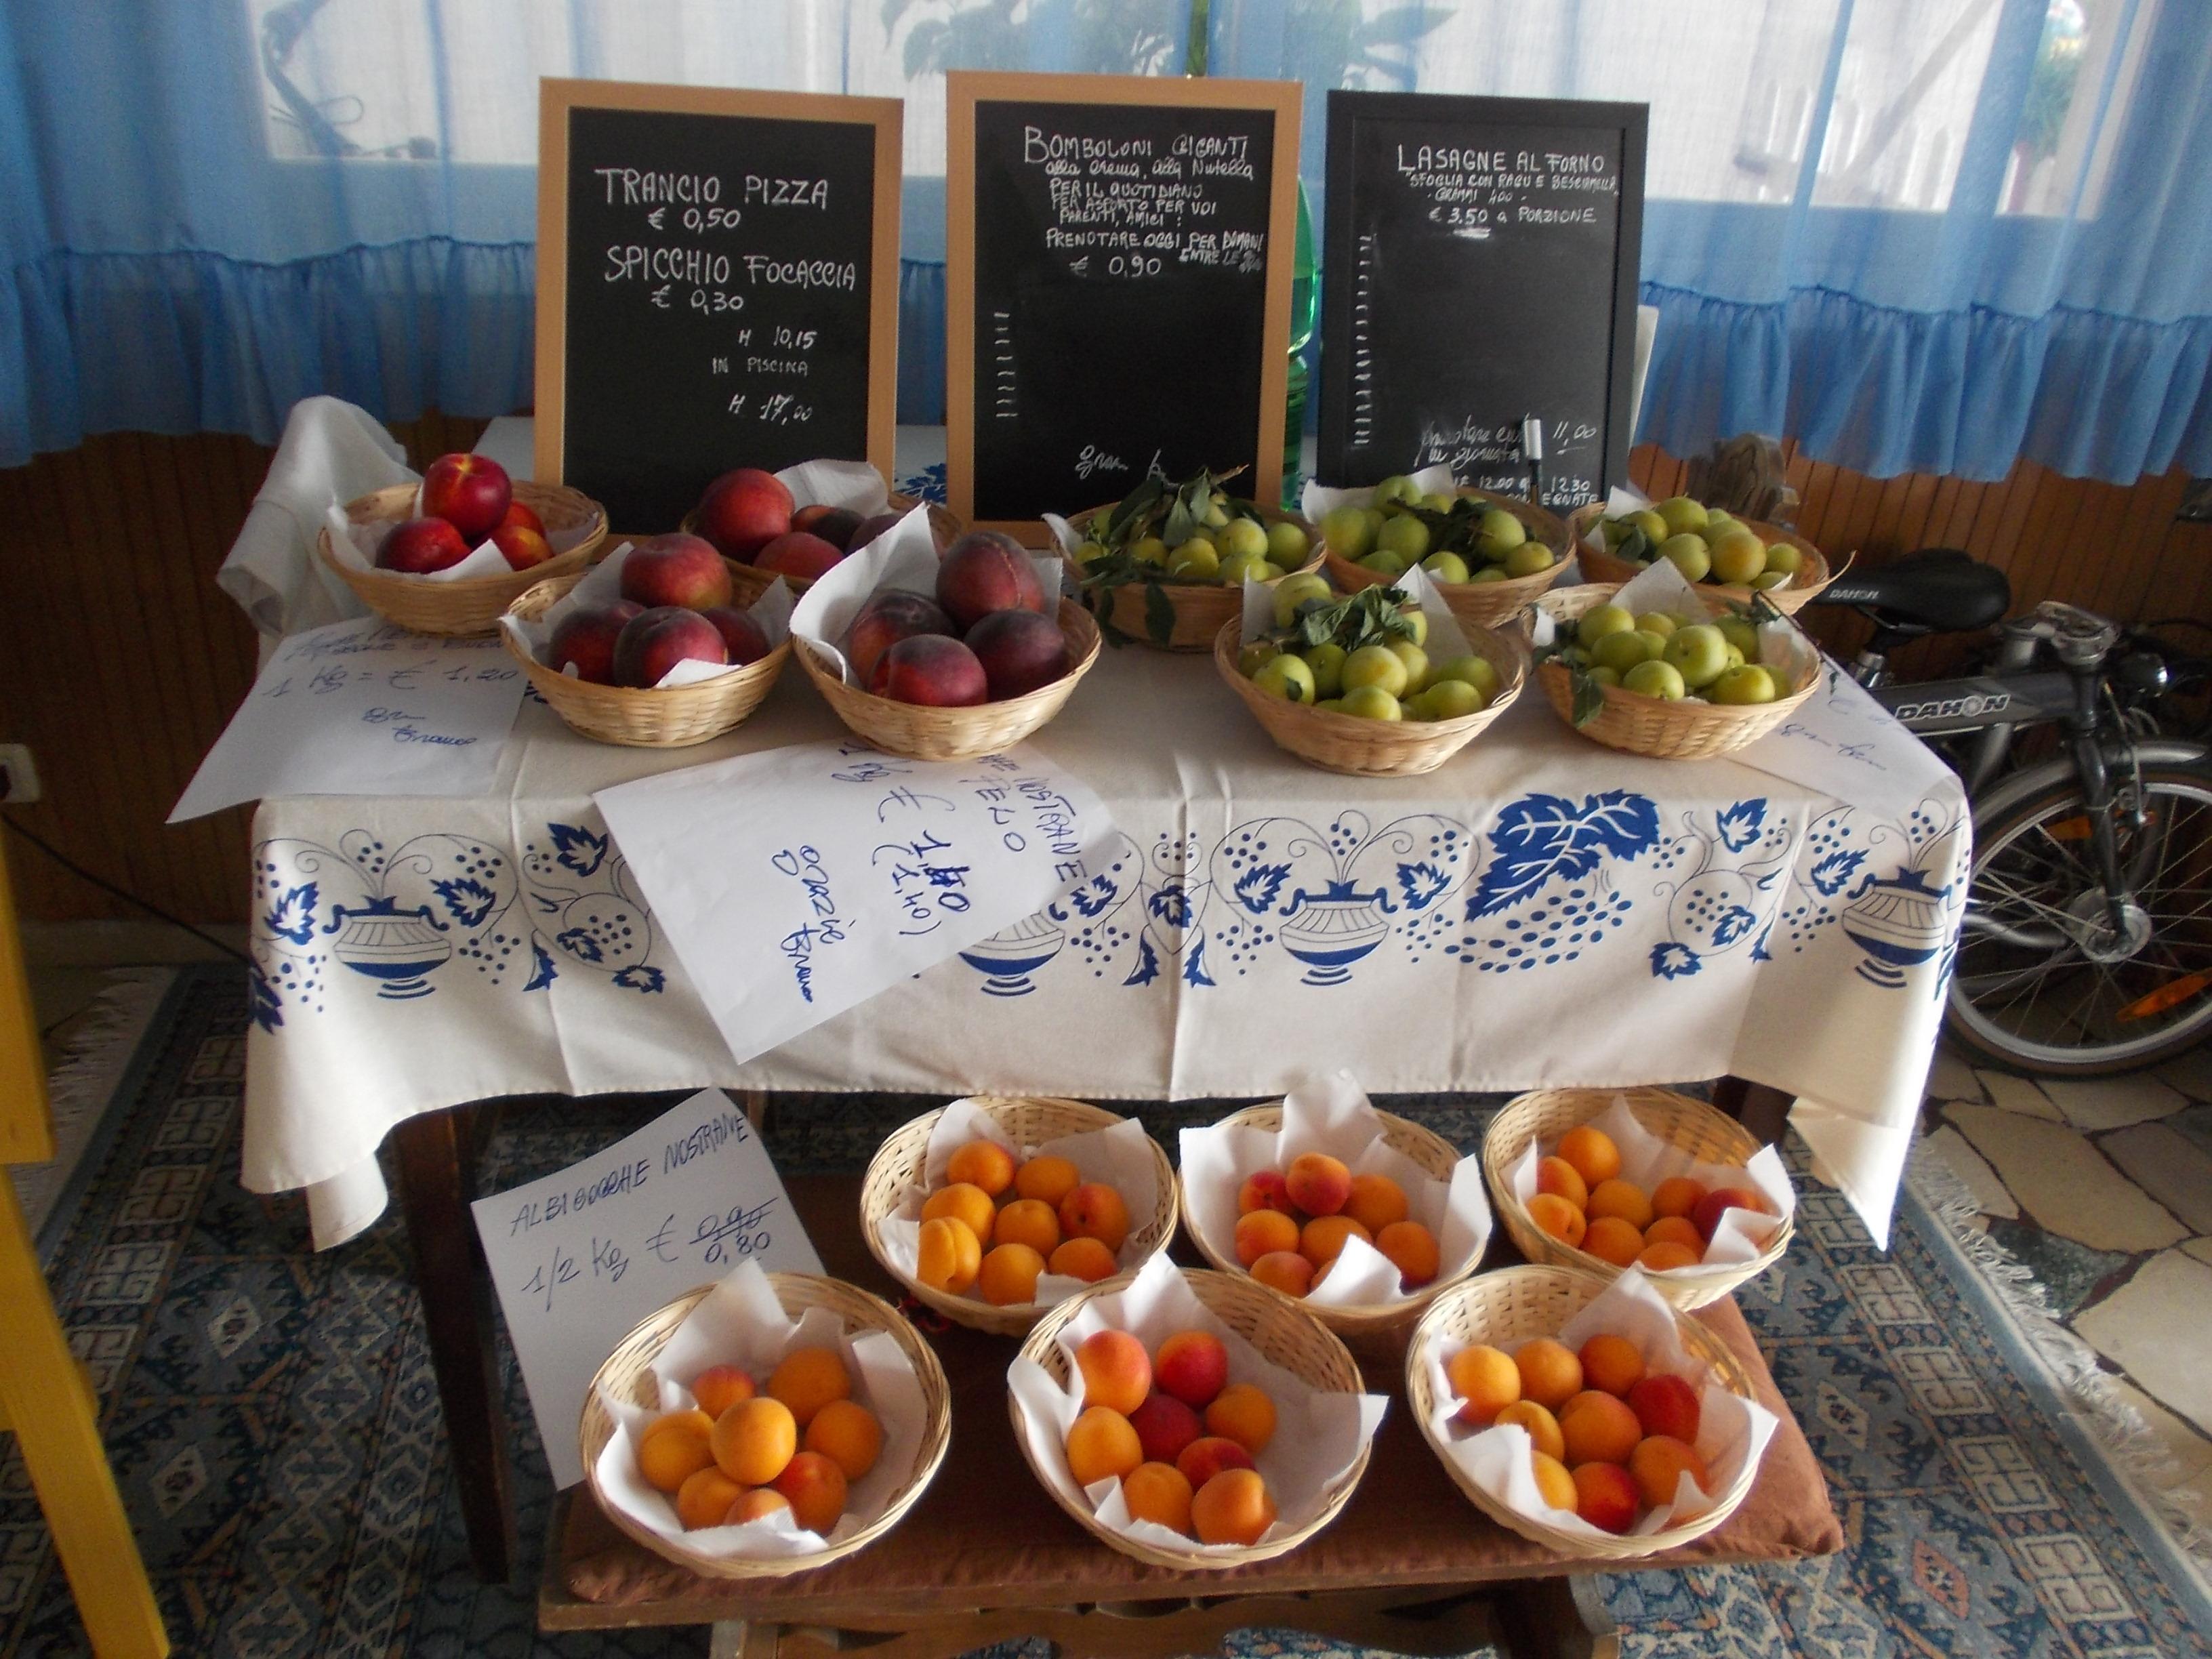 frutta a prezzi speciali al marinella!